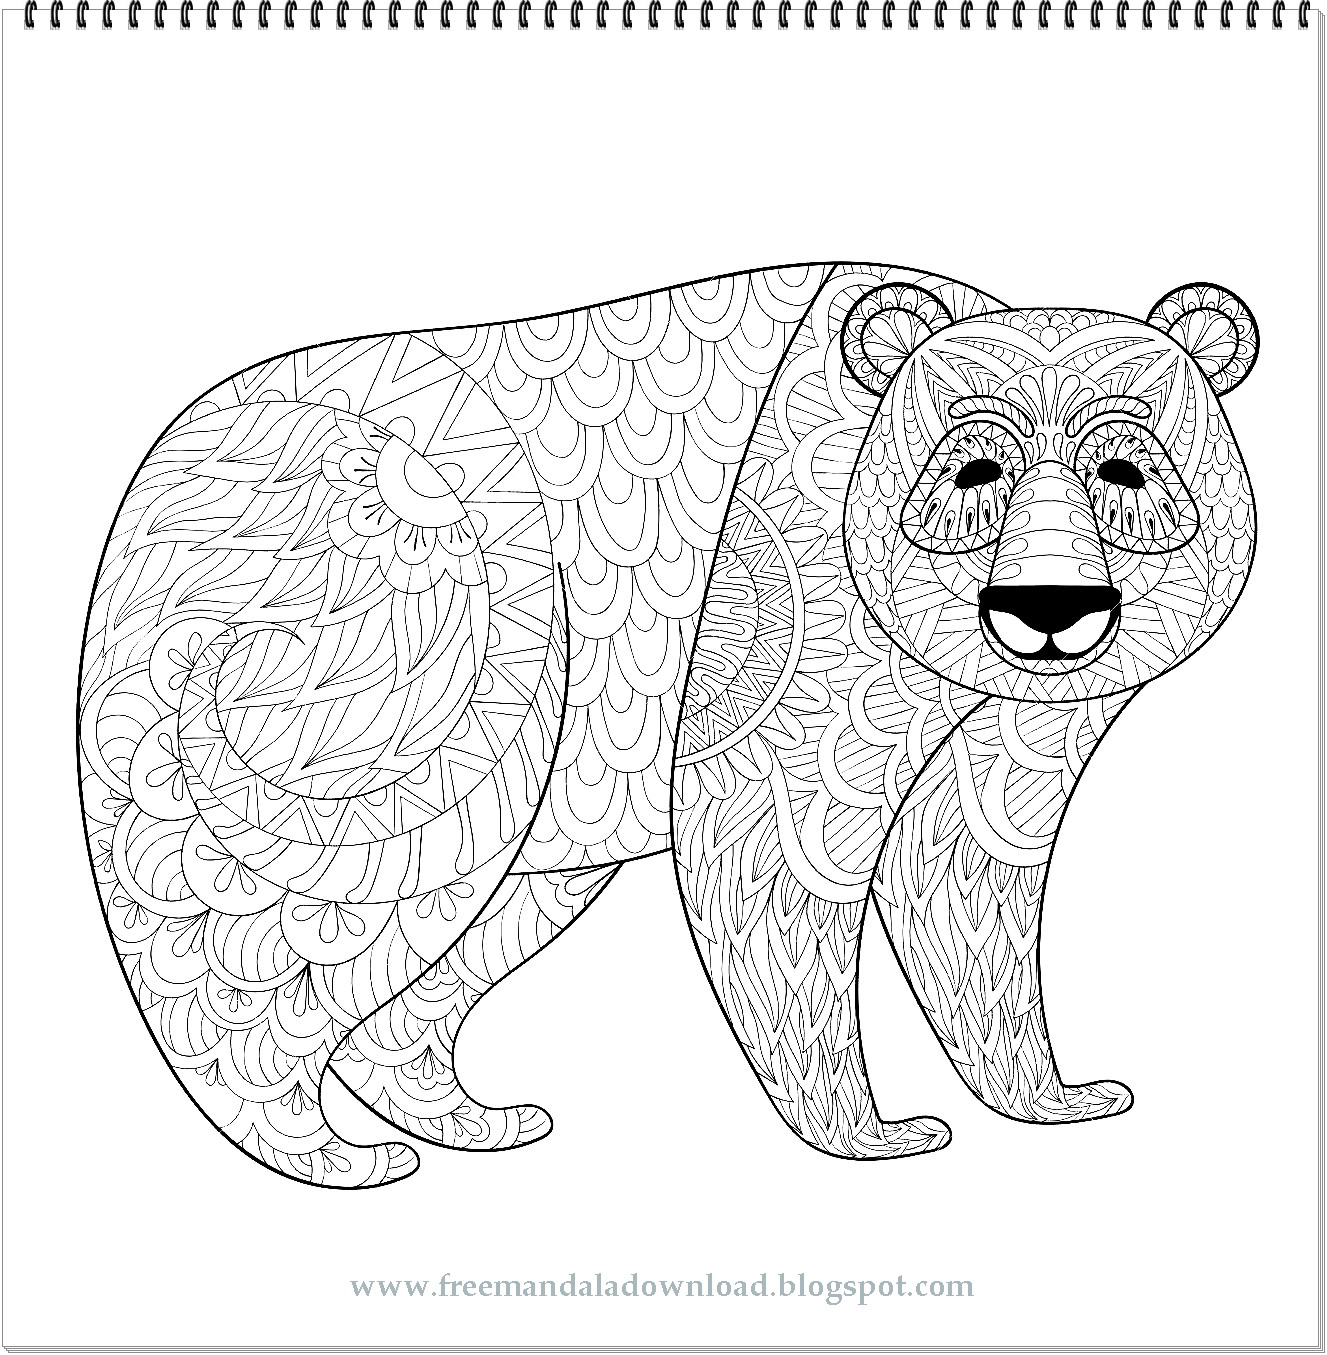 Ausmalbilder 3 Ausrufezeichen Inspirierend Mandala Ausmalen Bären Fotografieren